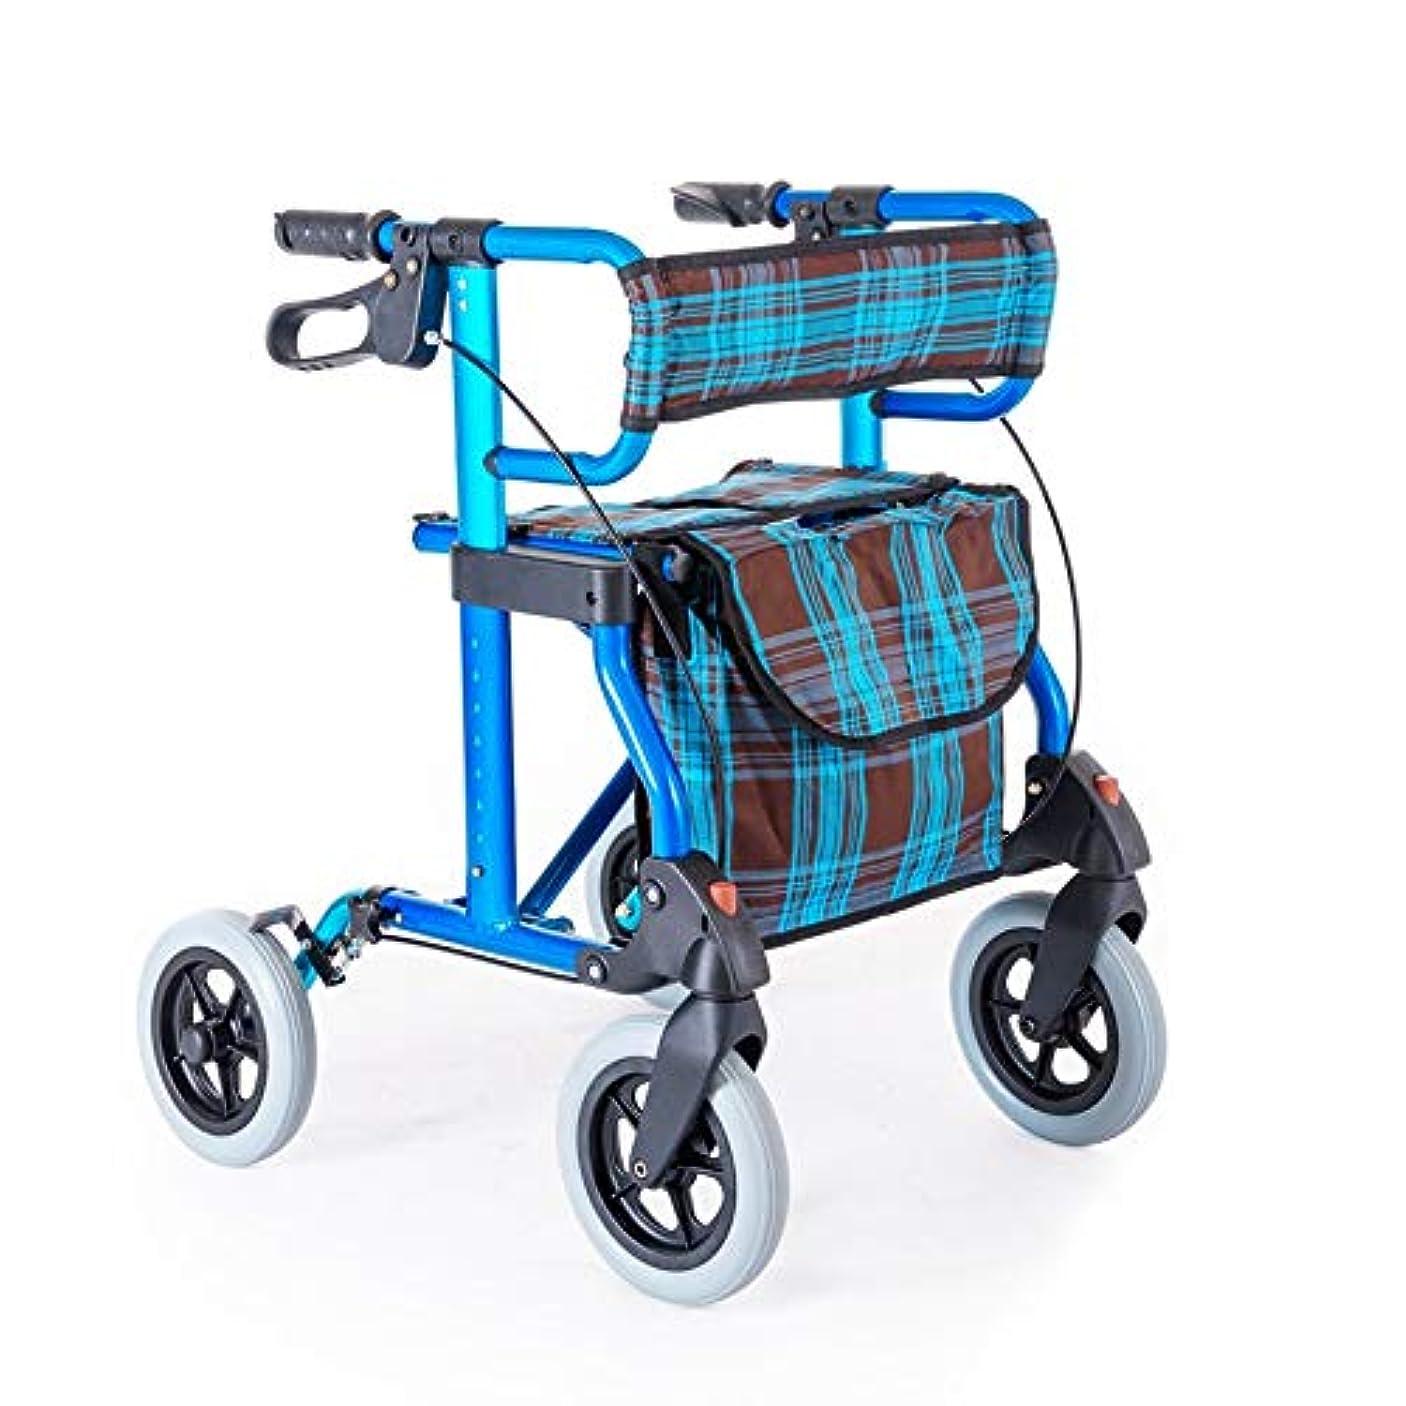 八百屋外側タイトシートダブルセーフティブレーキ調整可能な高さ4ホイールローリング老人ショッピングカート付き軽量折りたたみ歩行器